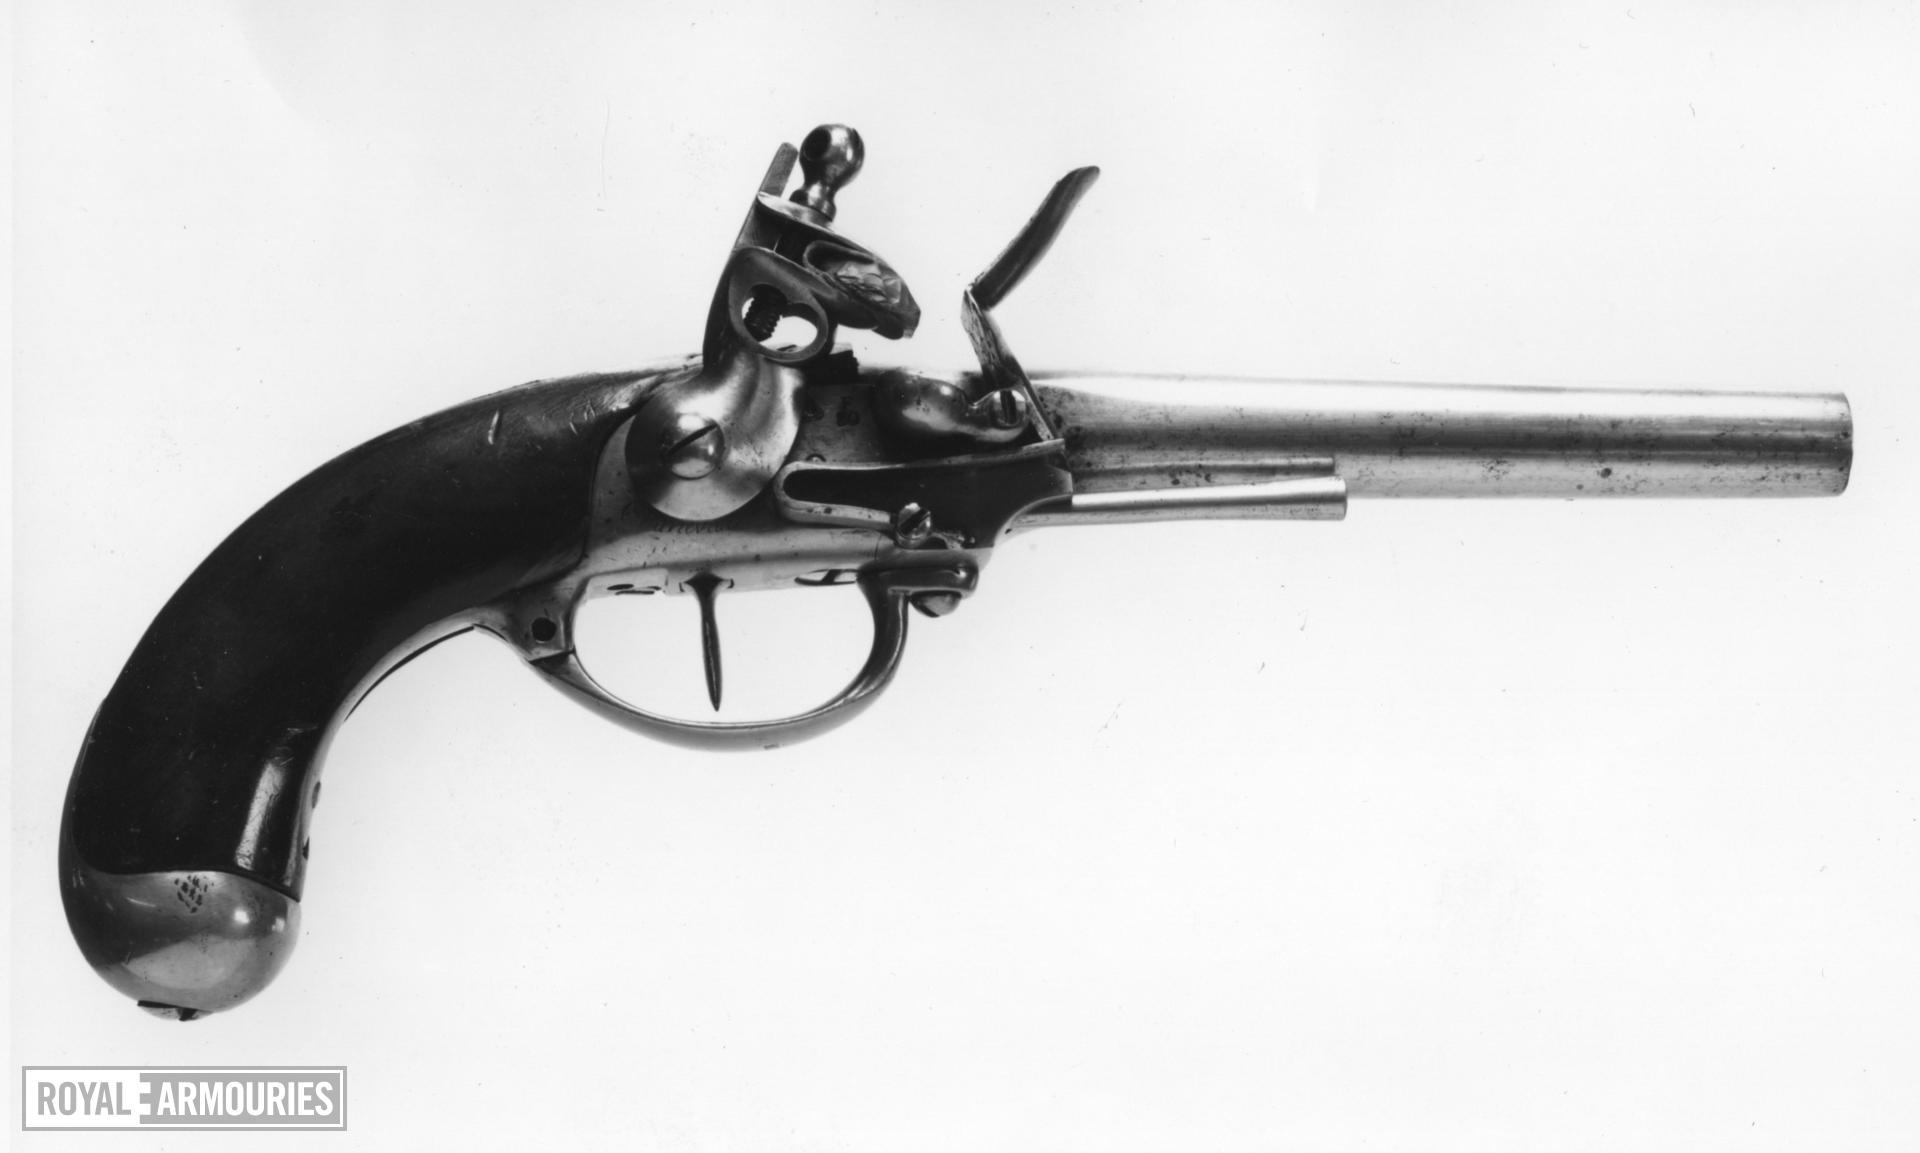 XII.2832, Flintlock pistol, Model 1777